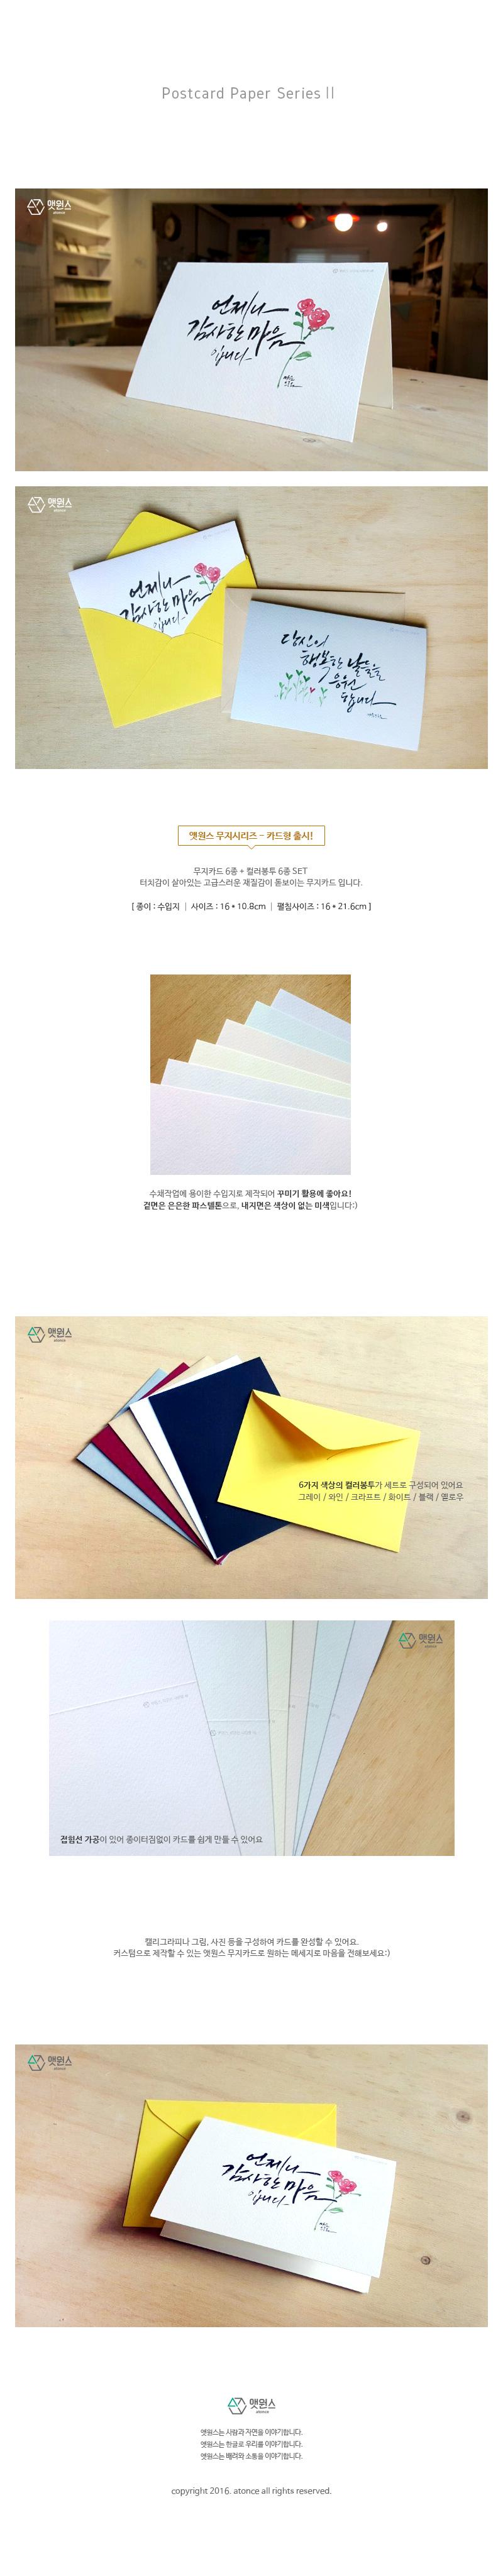 캘리그라피용 고급 무지카드(6종) - 캘리하우스, 3,000원, 카드, 감사 카드